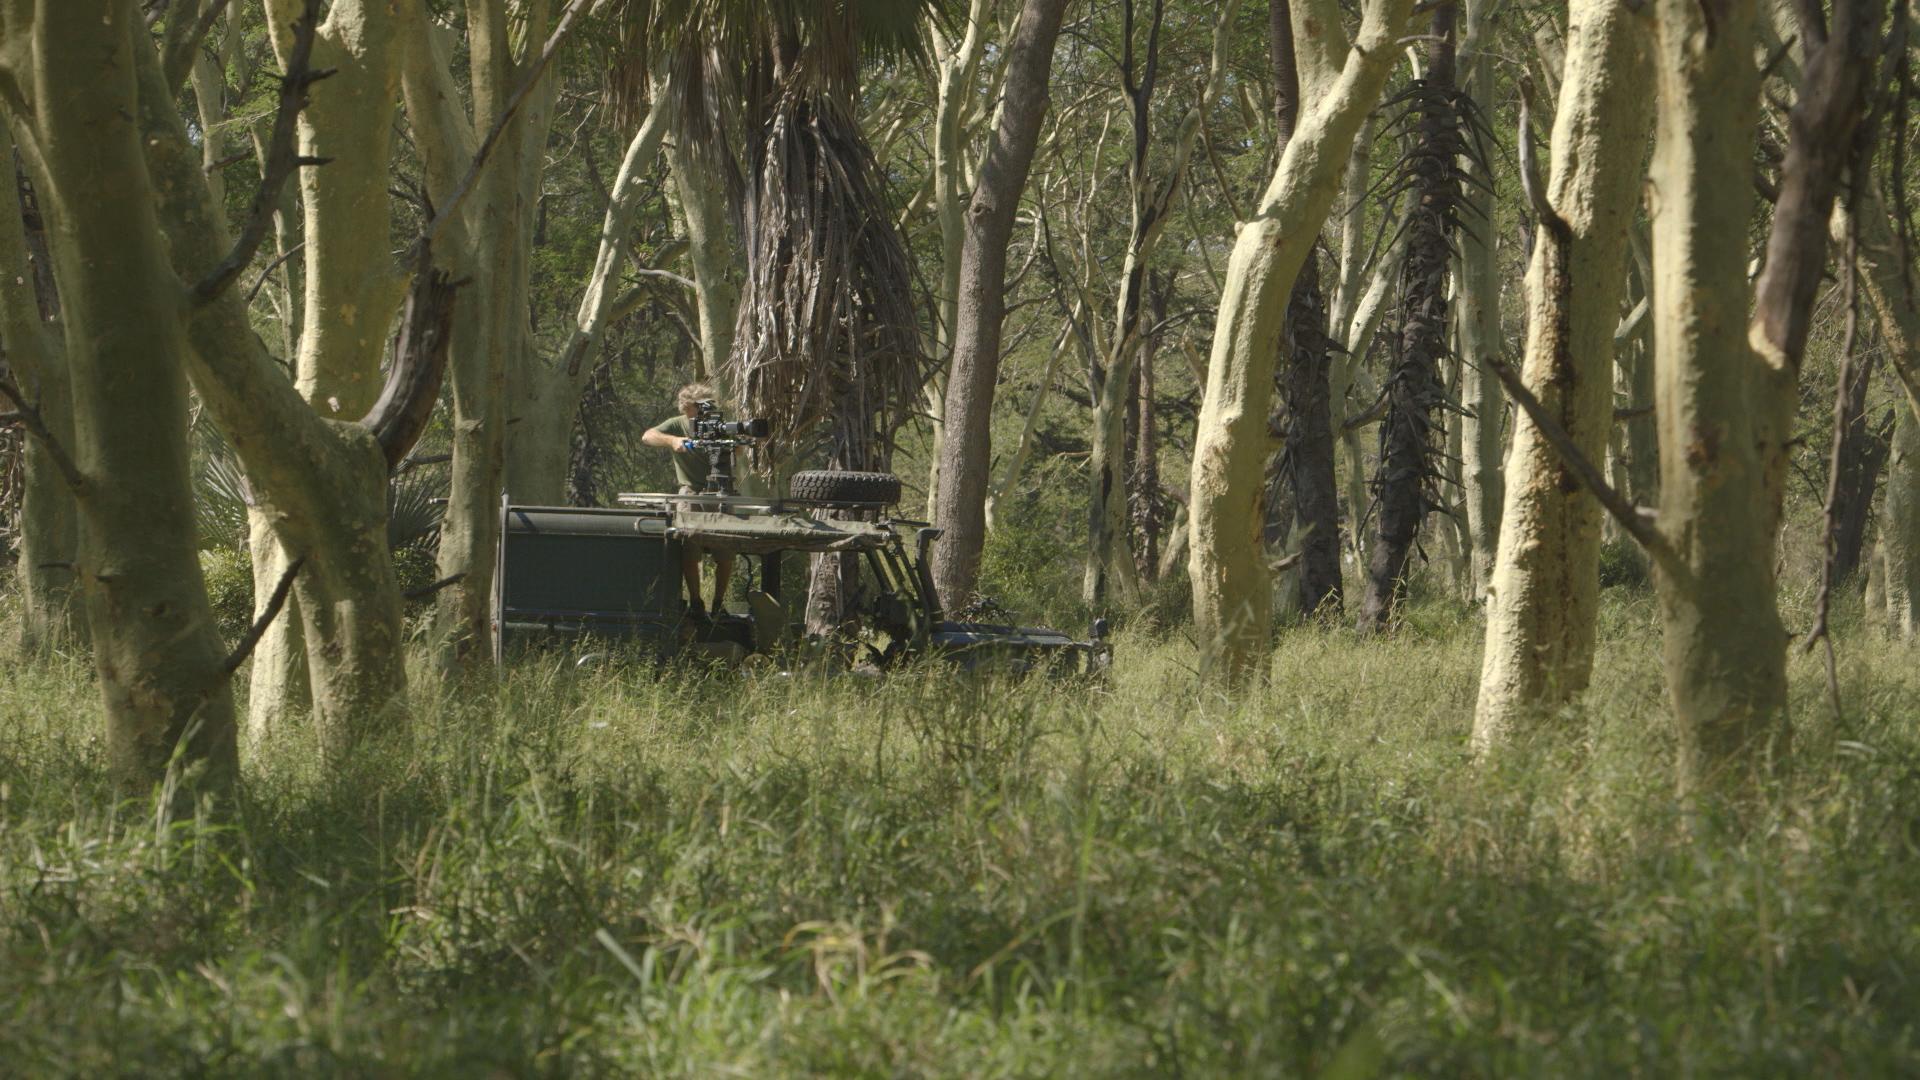 shooting fever trees 2.jpg